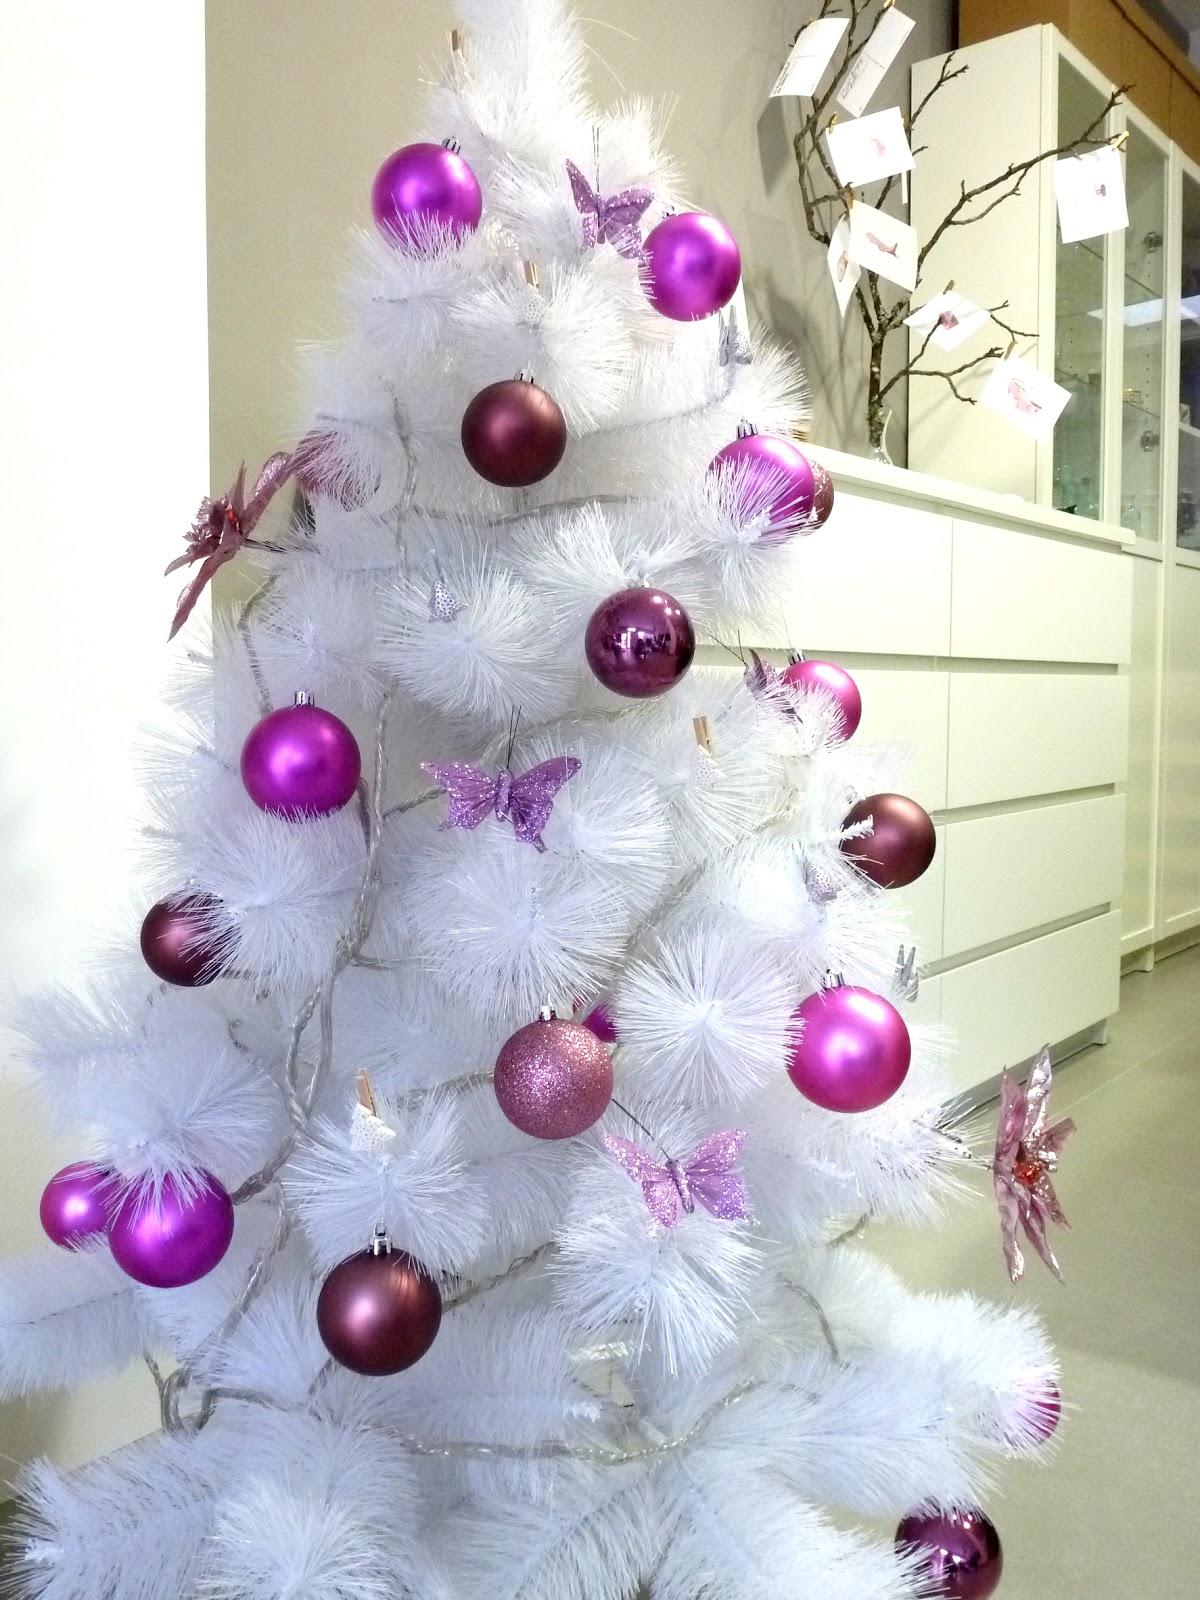 Hermanas bolena y qu os cuento yo ahora for Decoracion para arboles de navidad blancos